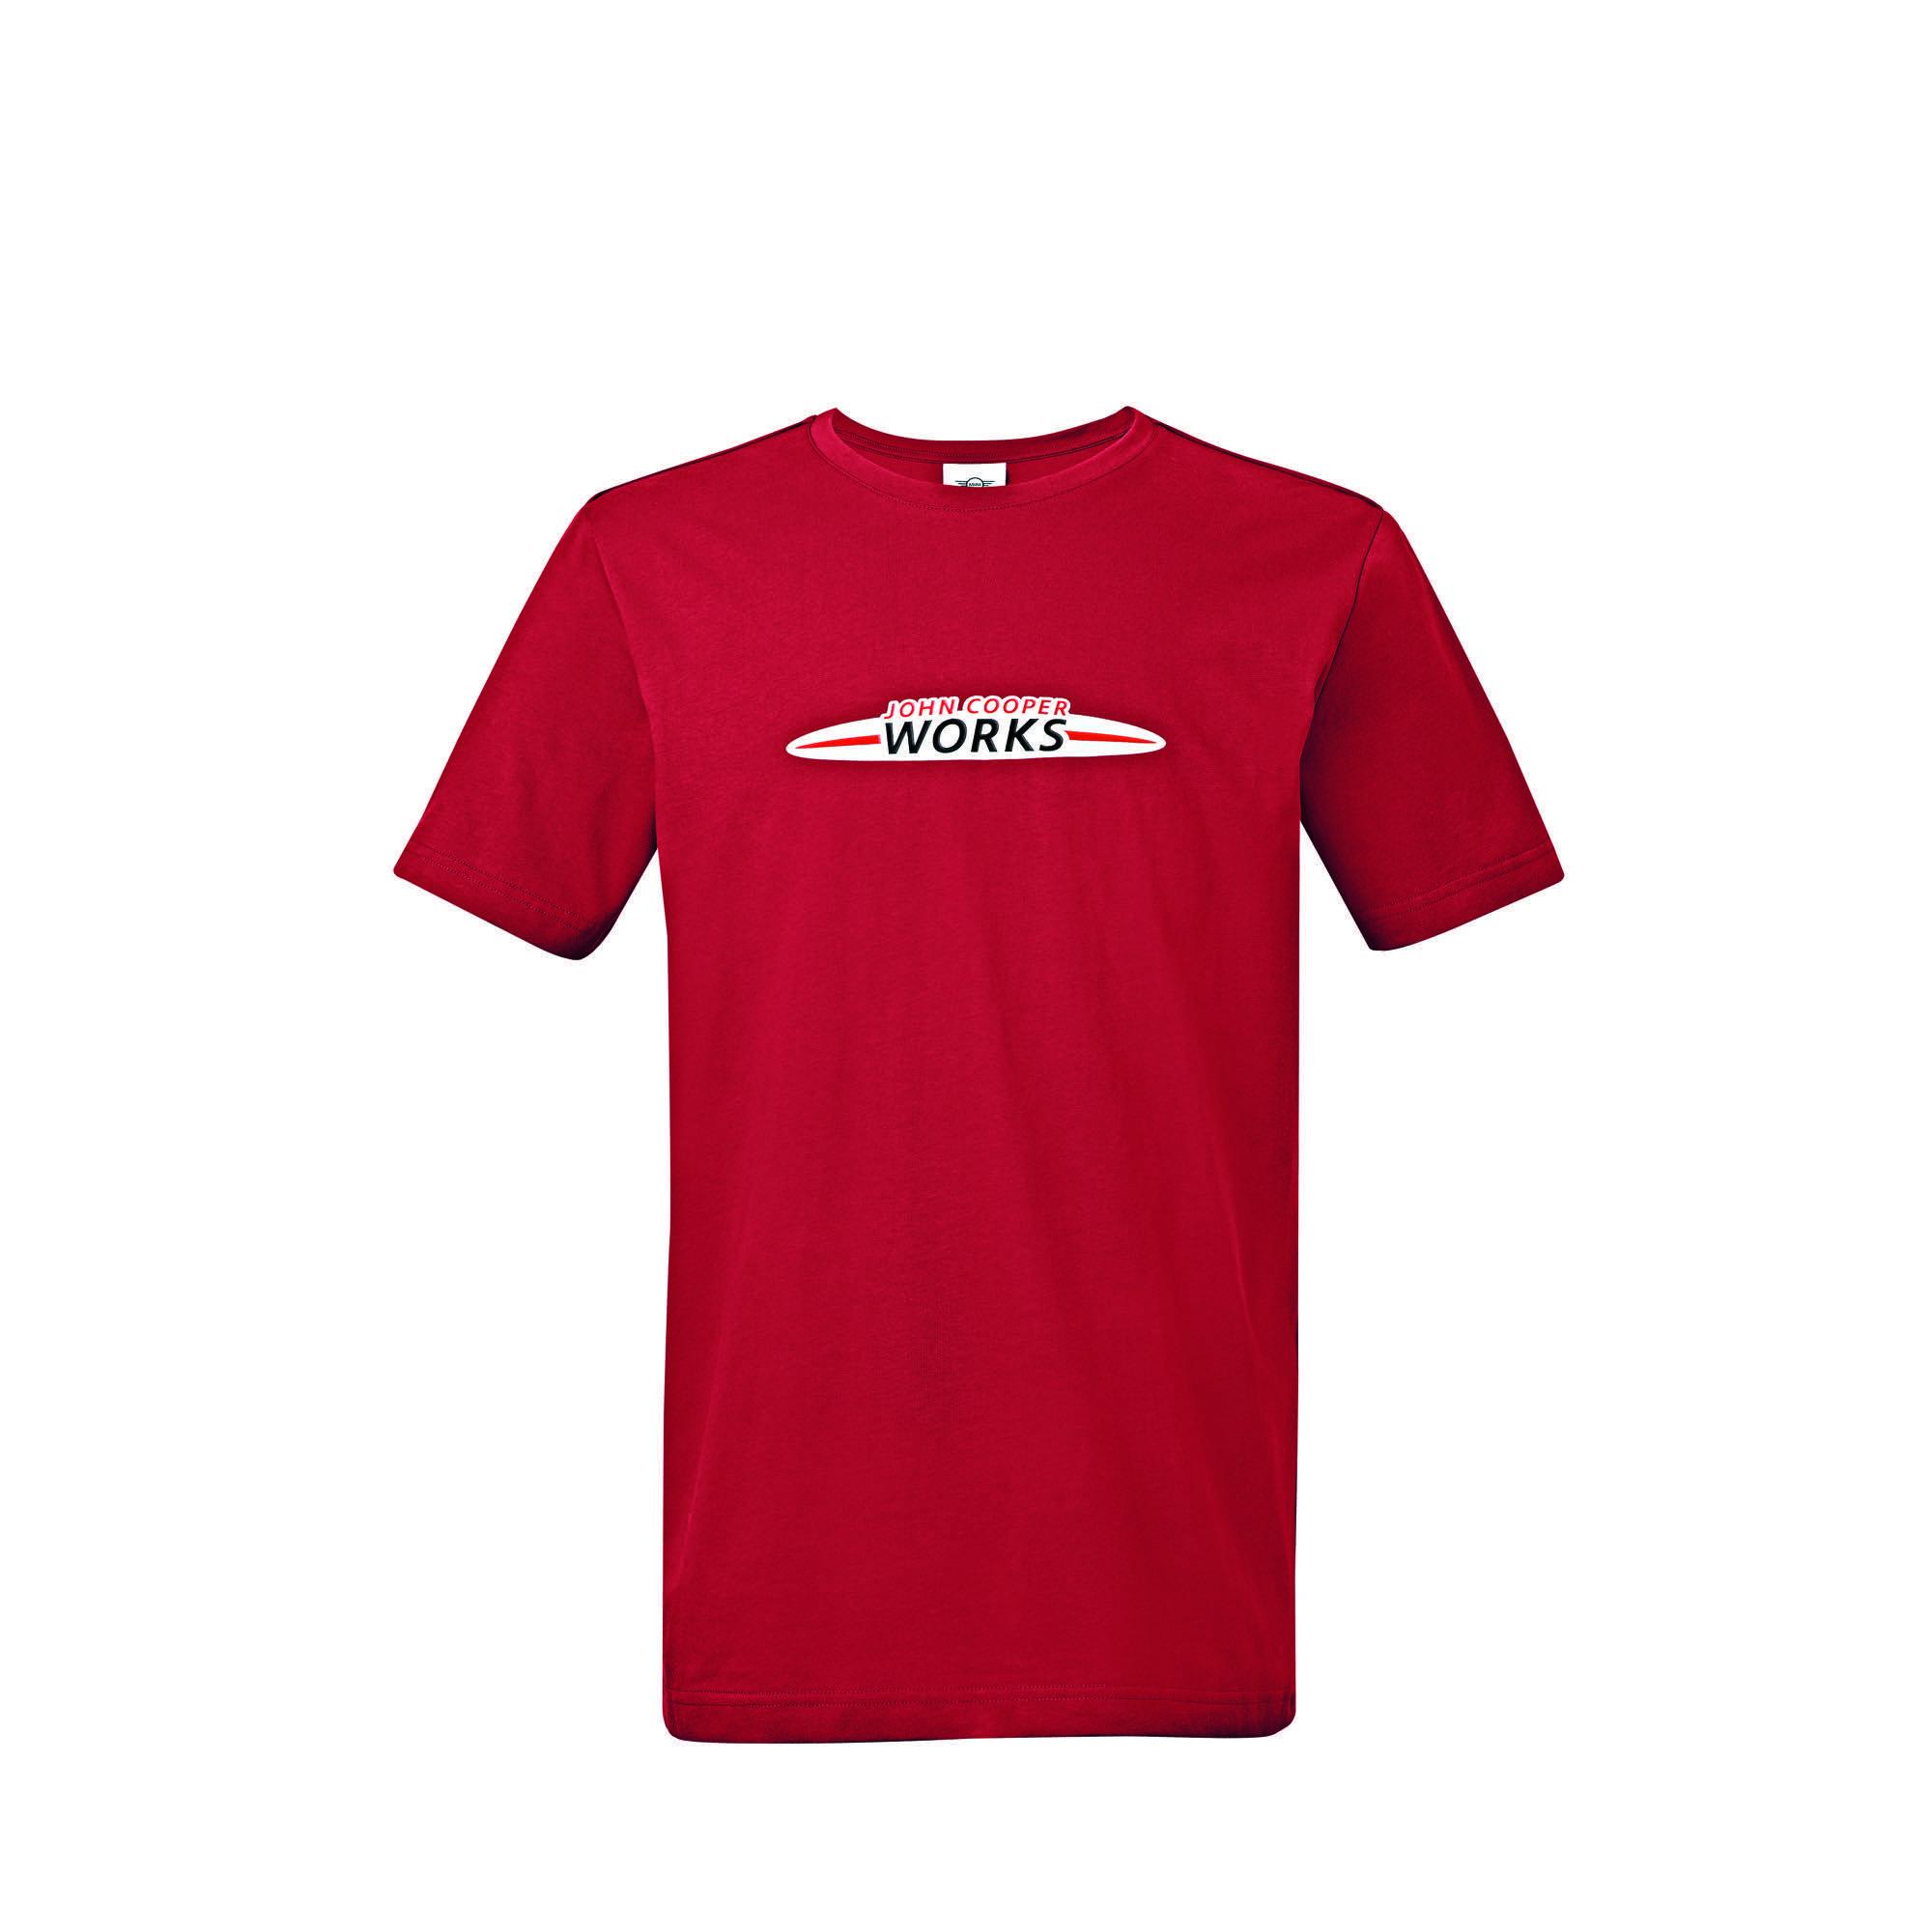 b2239d4f65130b T-Shirt Homme Logo JCW Chili Red dans MINI Lifestyle   Collection Lifestyle  MINI John Cooper Works – Boutique Accessoires et Lifestyle MINI France ...